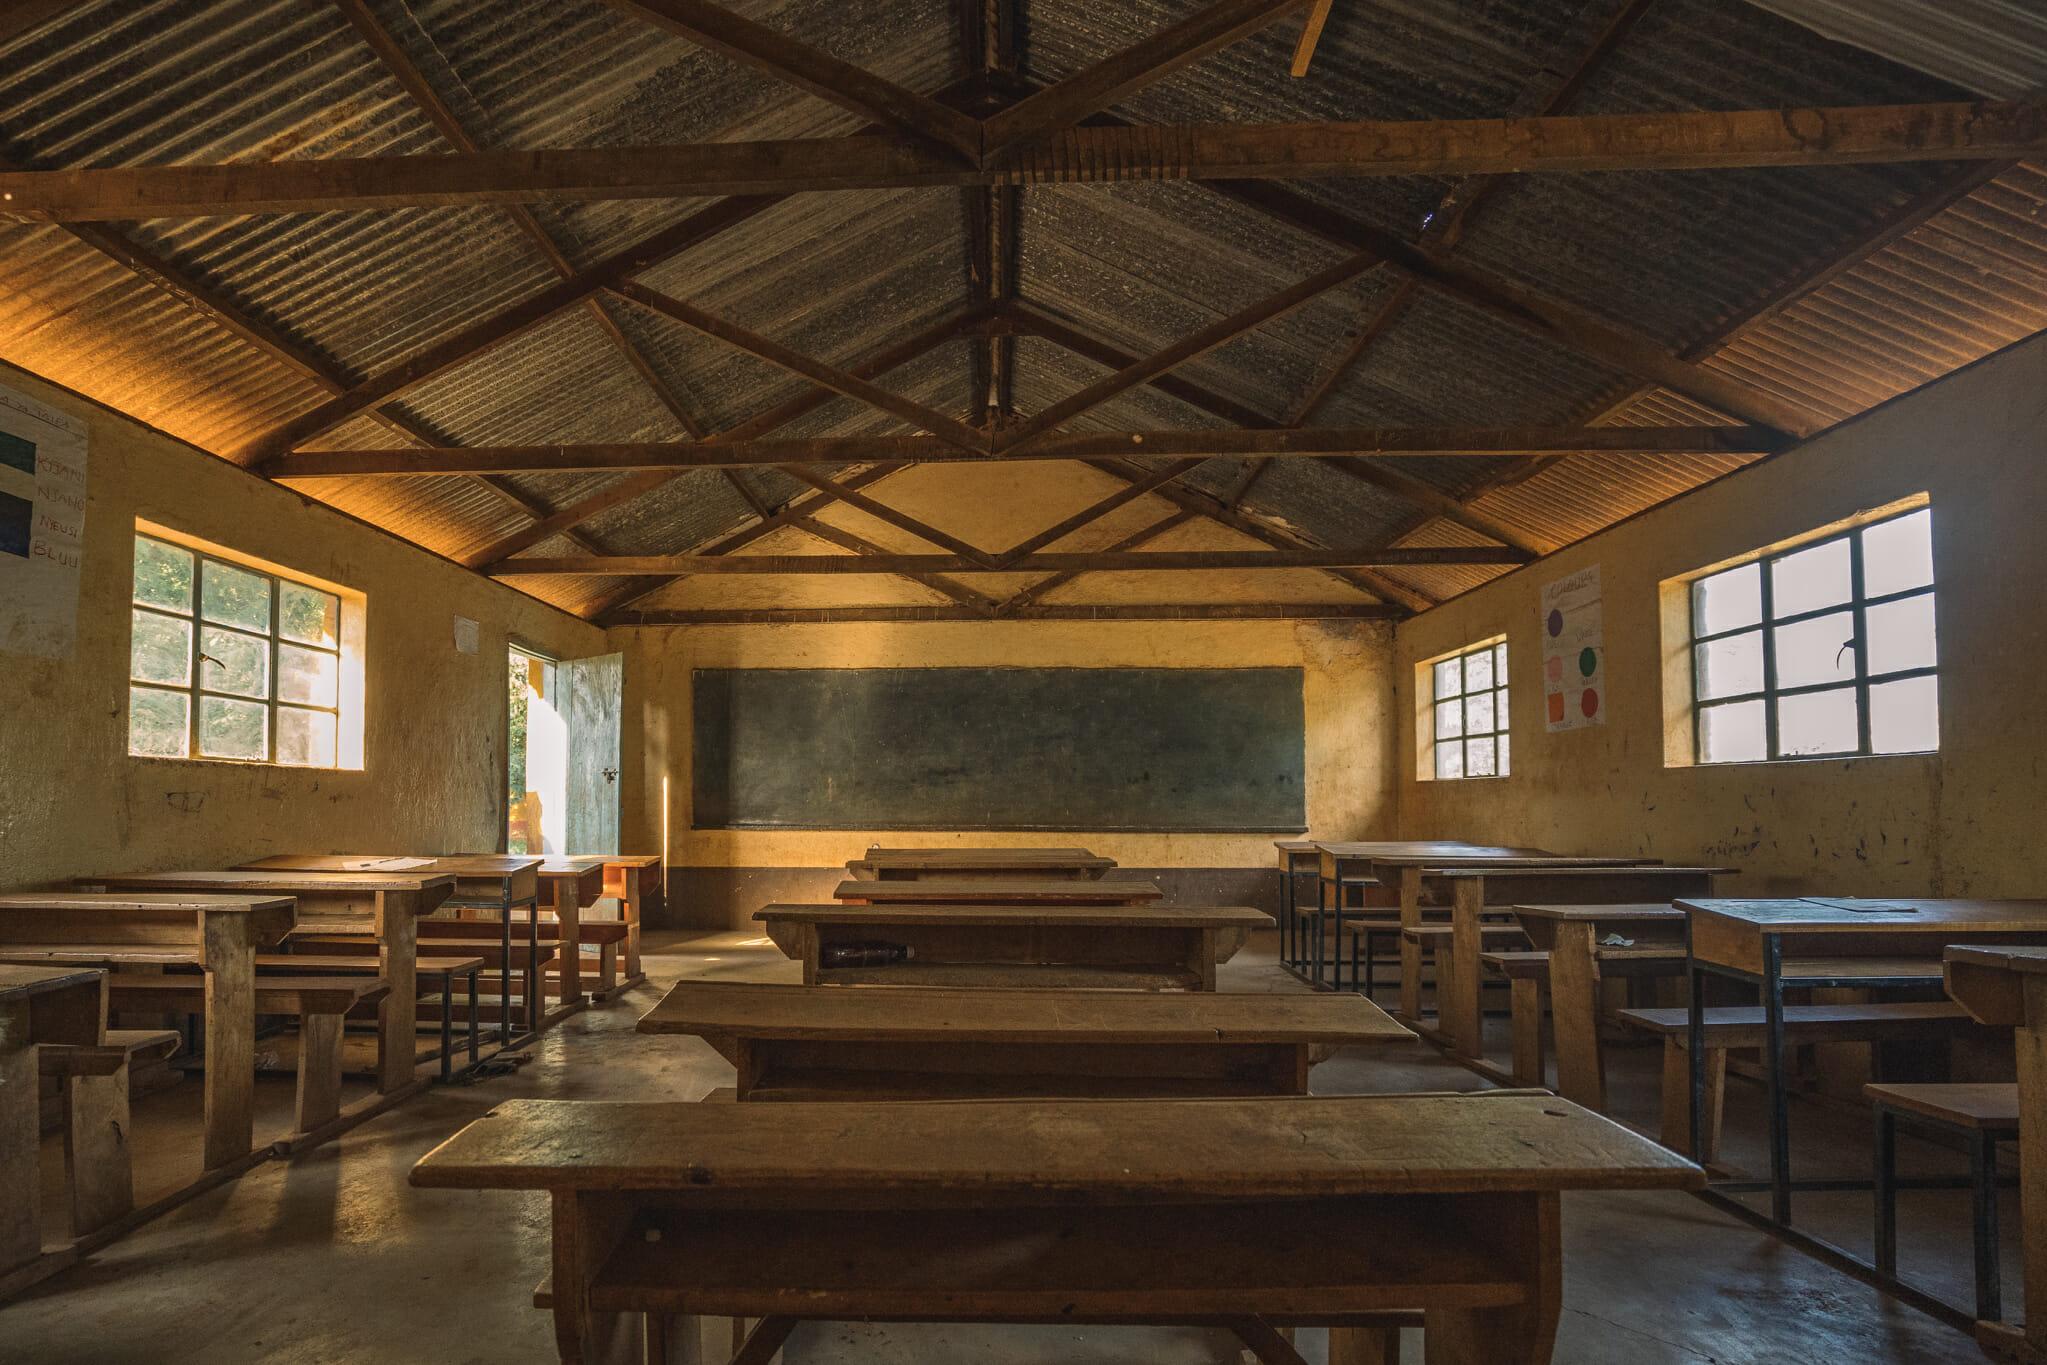 Découverte de l'école lors de l'immersion dans le village d'Endallah en Tanzanie